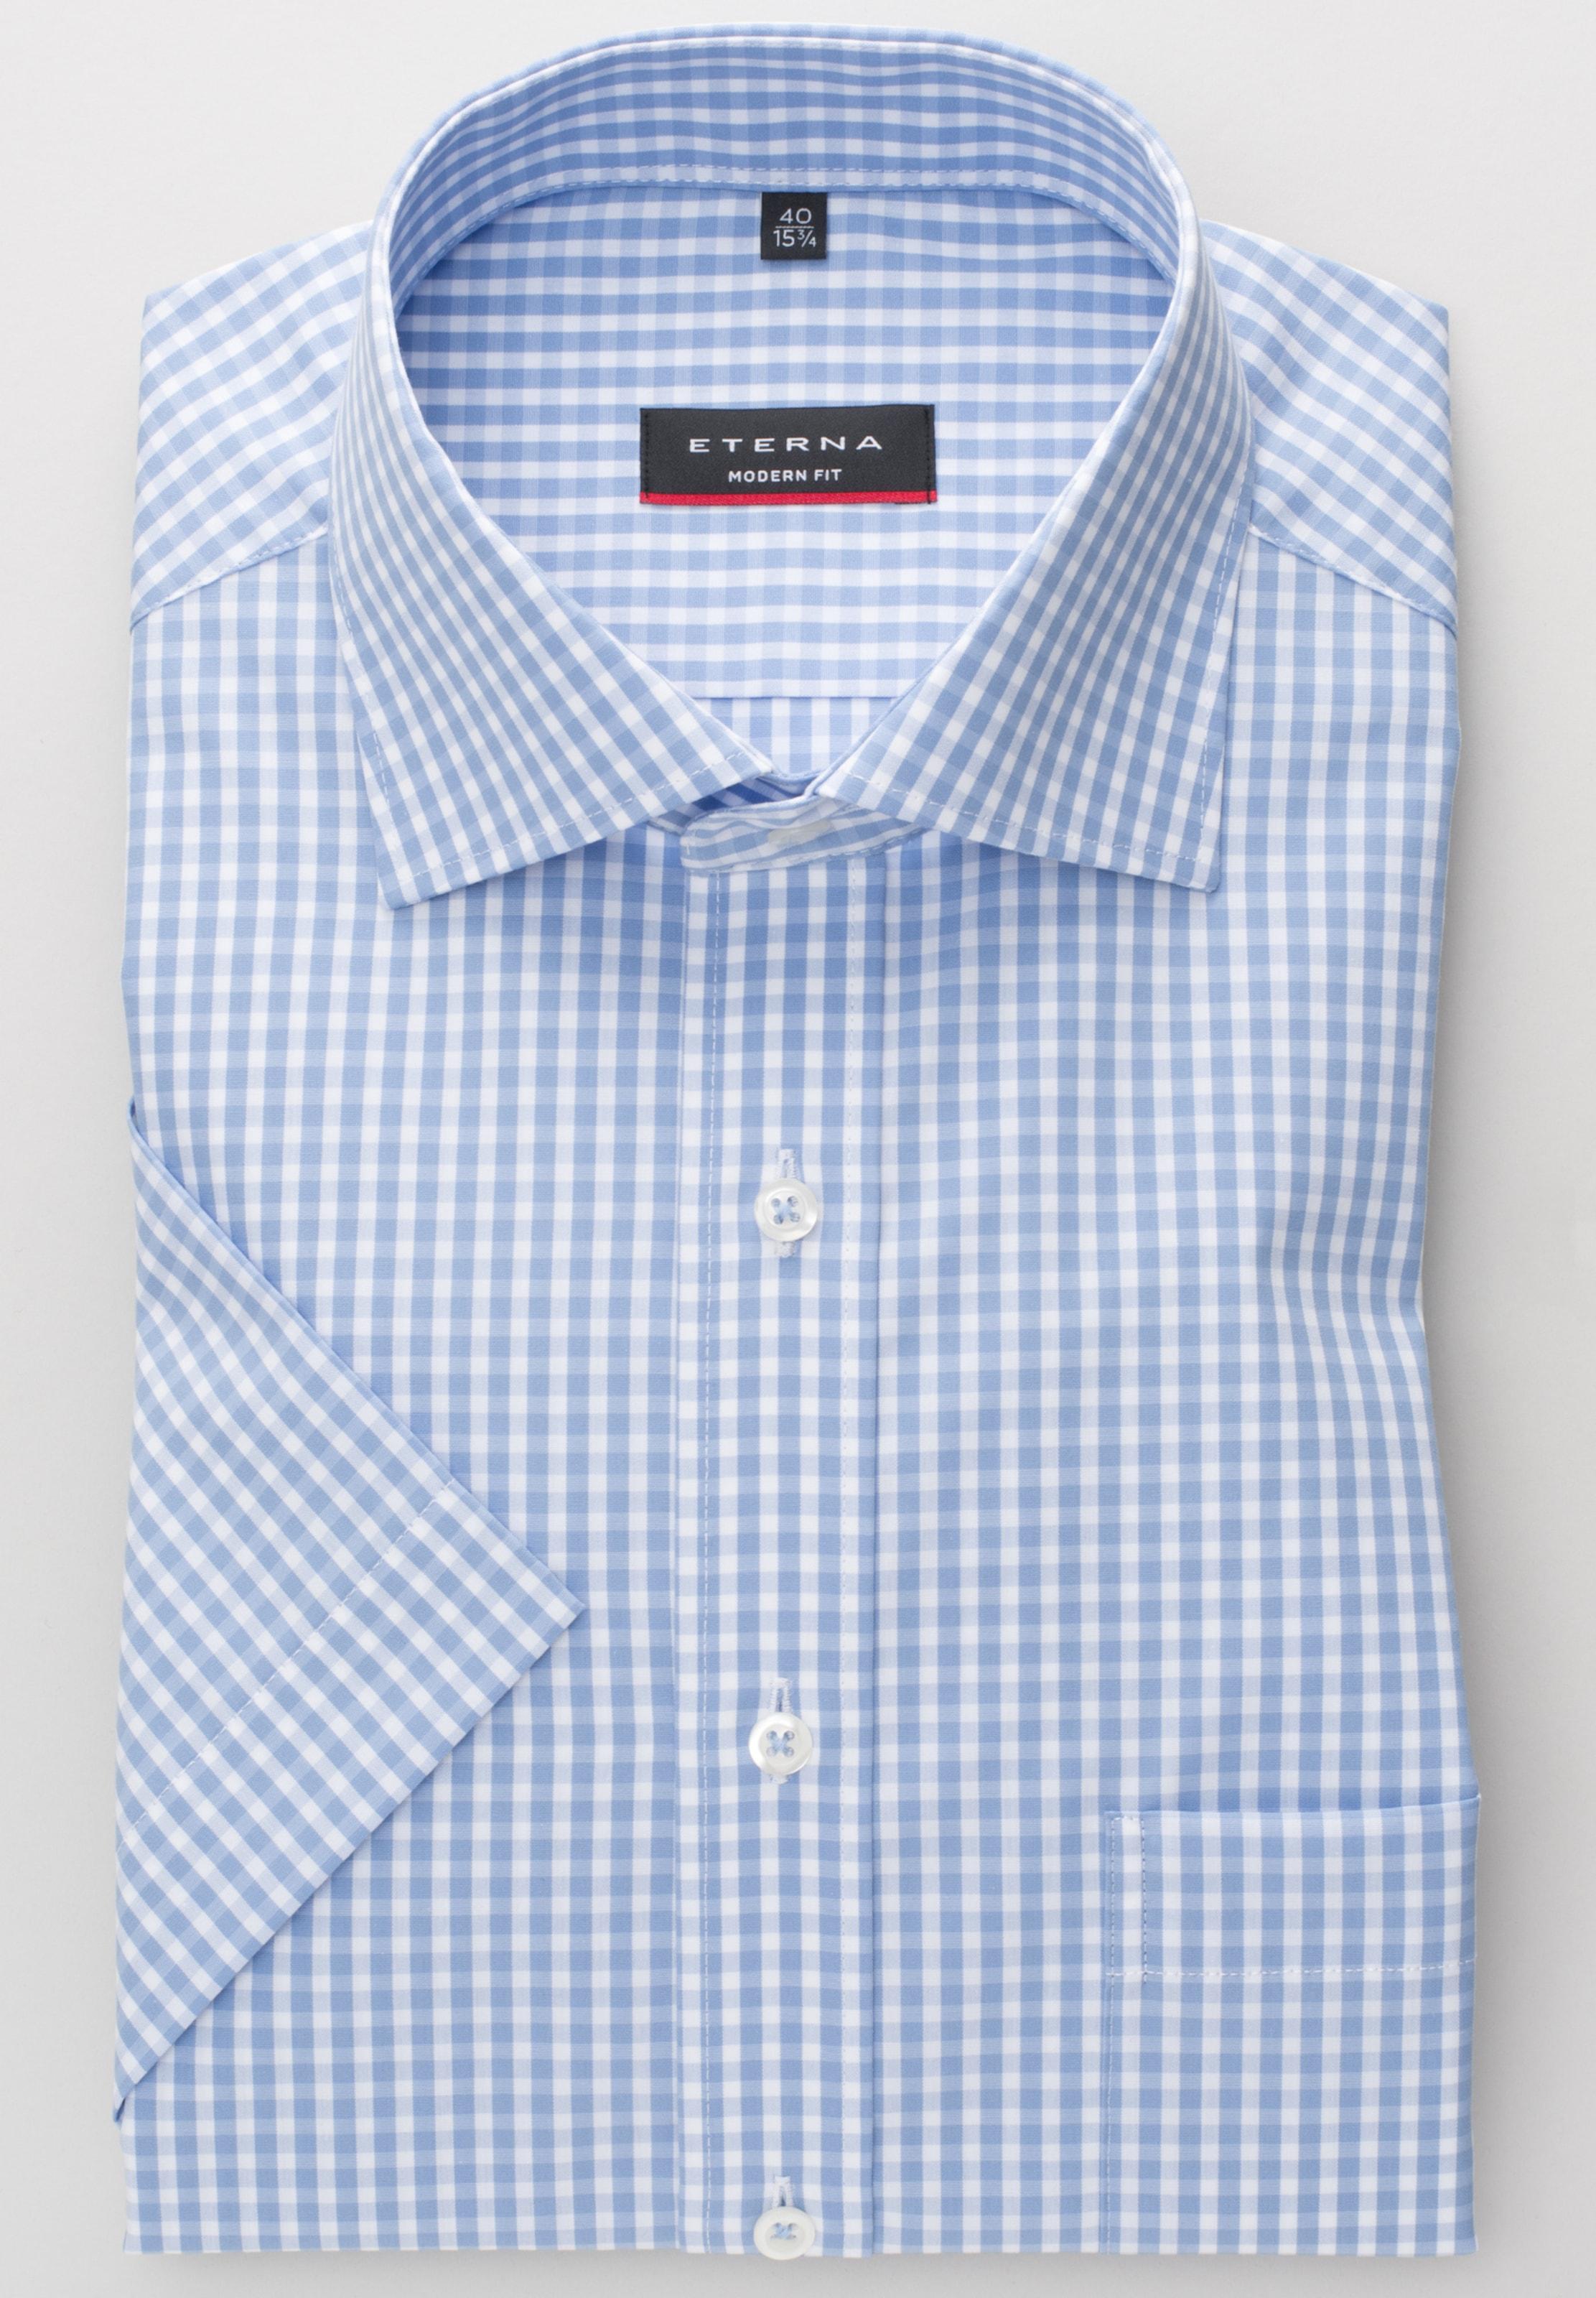 RauchblauWeiß Hemd Hemd Hemd RauchblauWeiß In In Eterna RauchblauWeiß Eterna In Eterna Eterna n0NO8wPXk